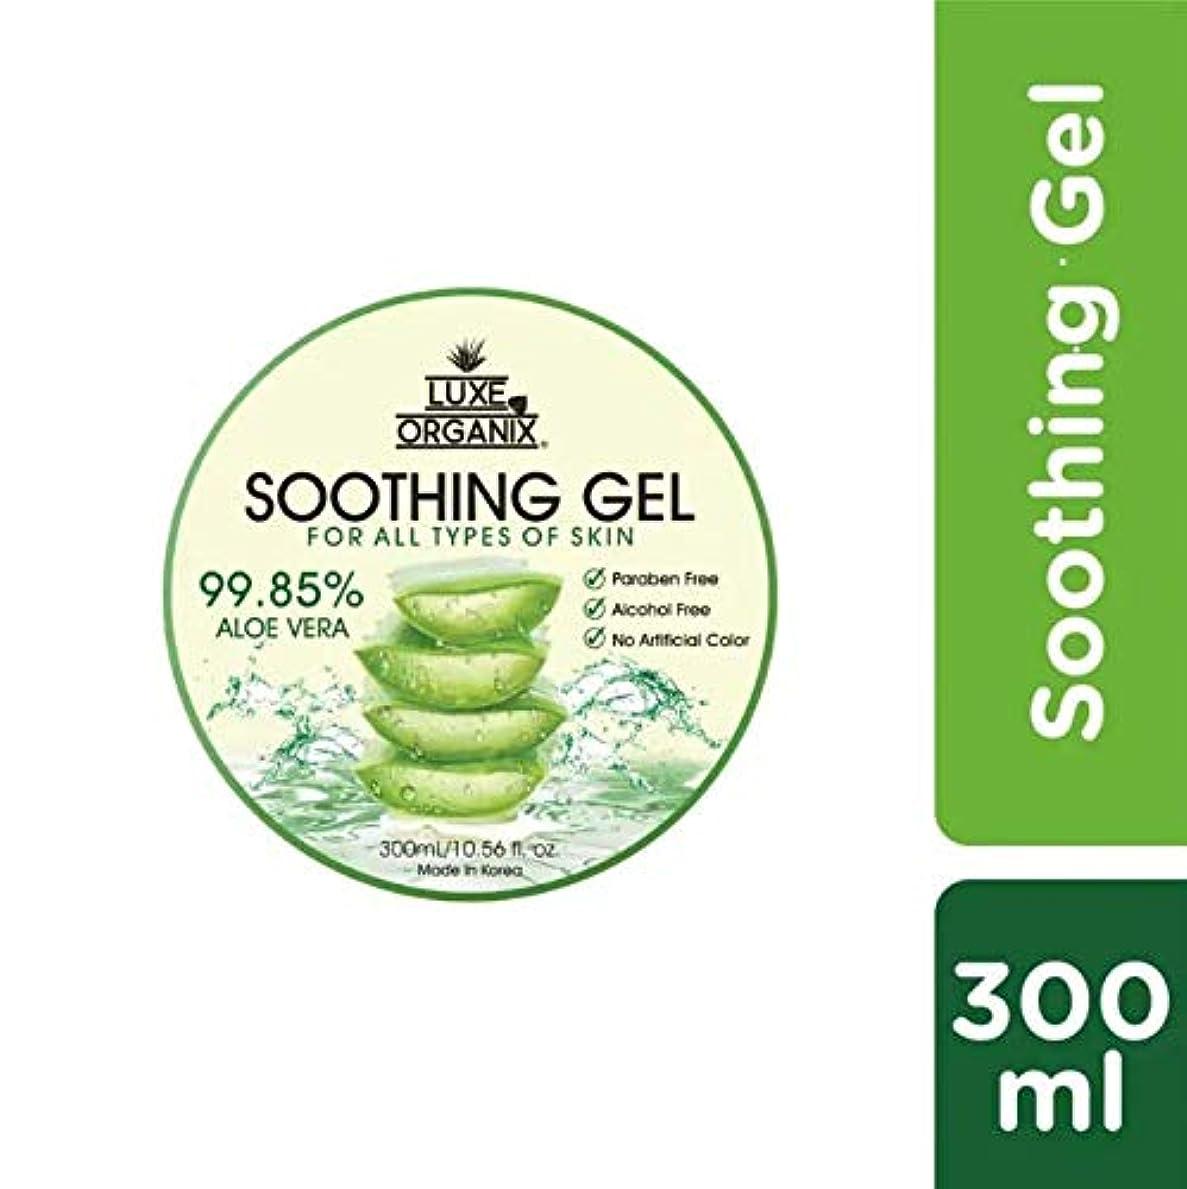 とても子羊飲食店100% オーガニック アロエ ジェル 300ml / Luxe Organix Alovera Soothing Aloe Gel 300ml